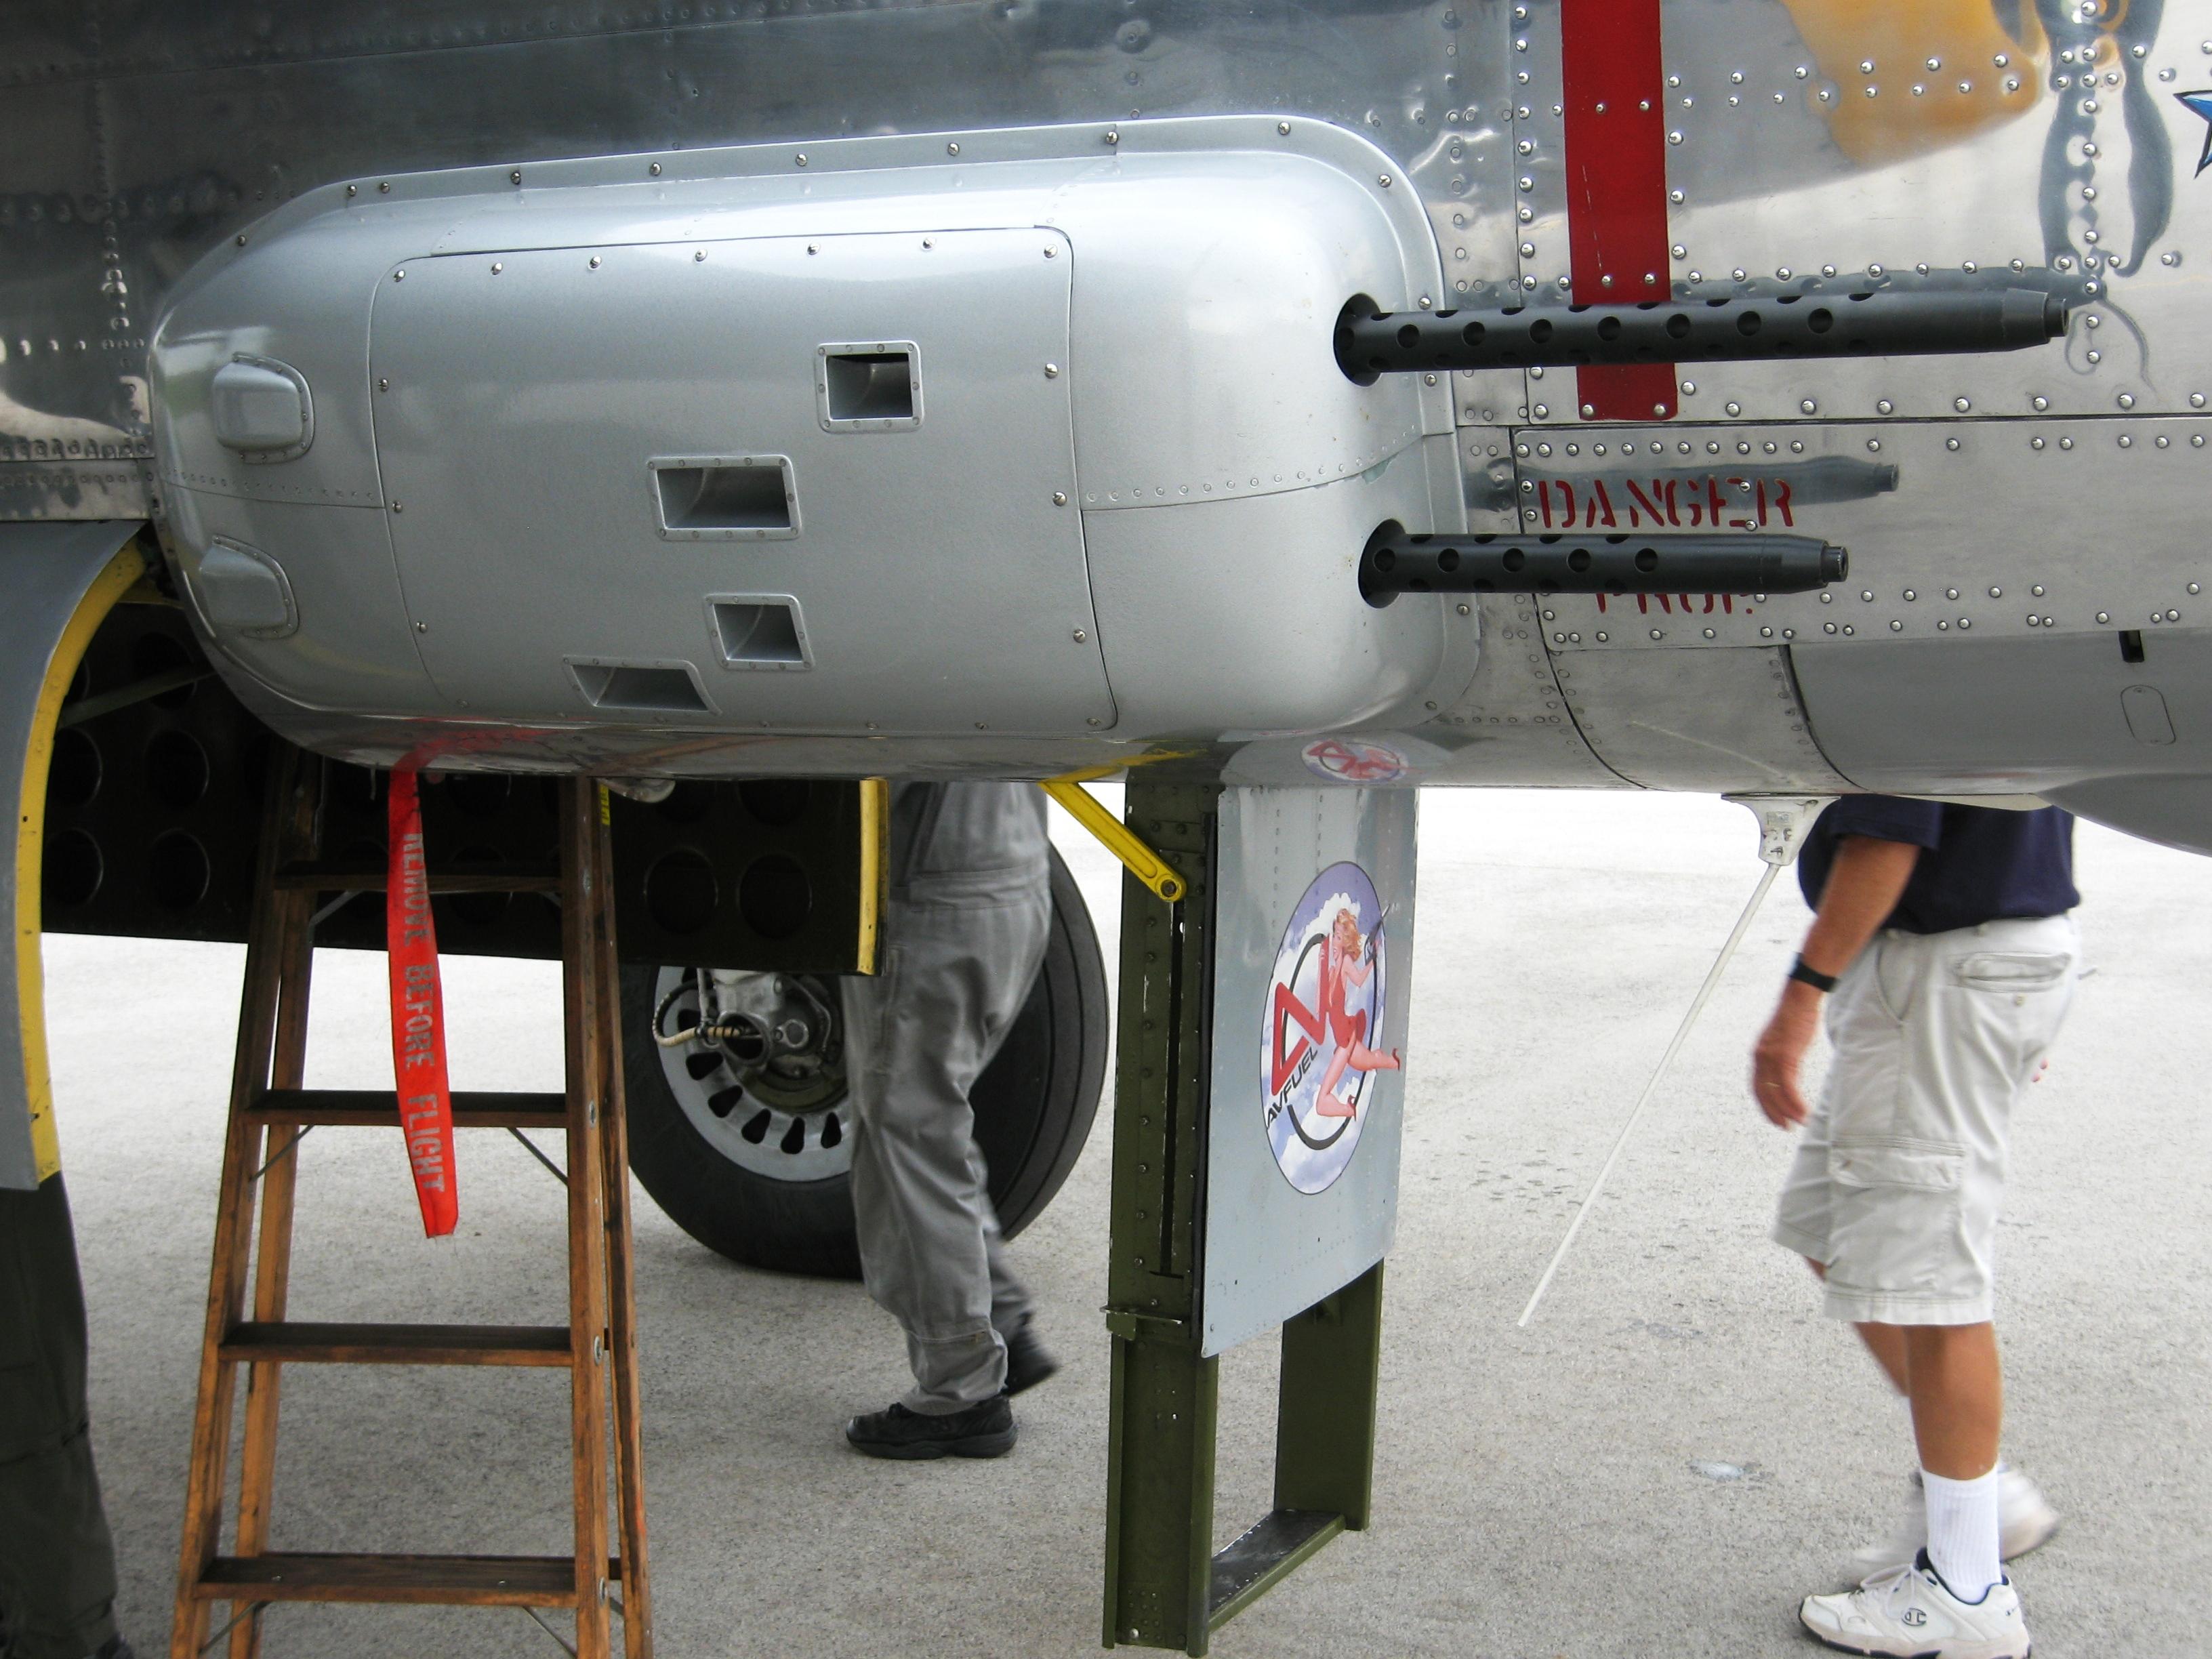 [Armada] Die bescheuertsten deutschen Übersetzungen B-25_Mitchell_50-calibre_machine_gun_blister_mounts